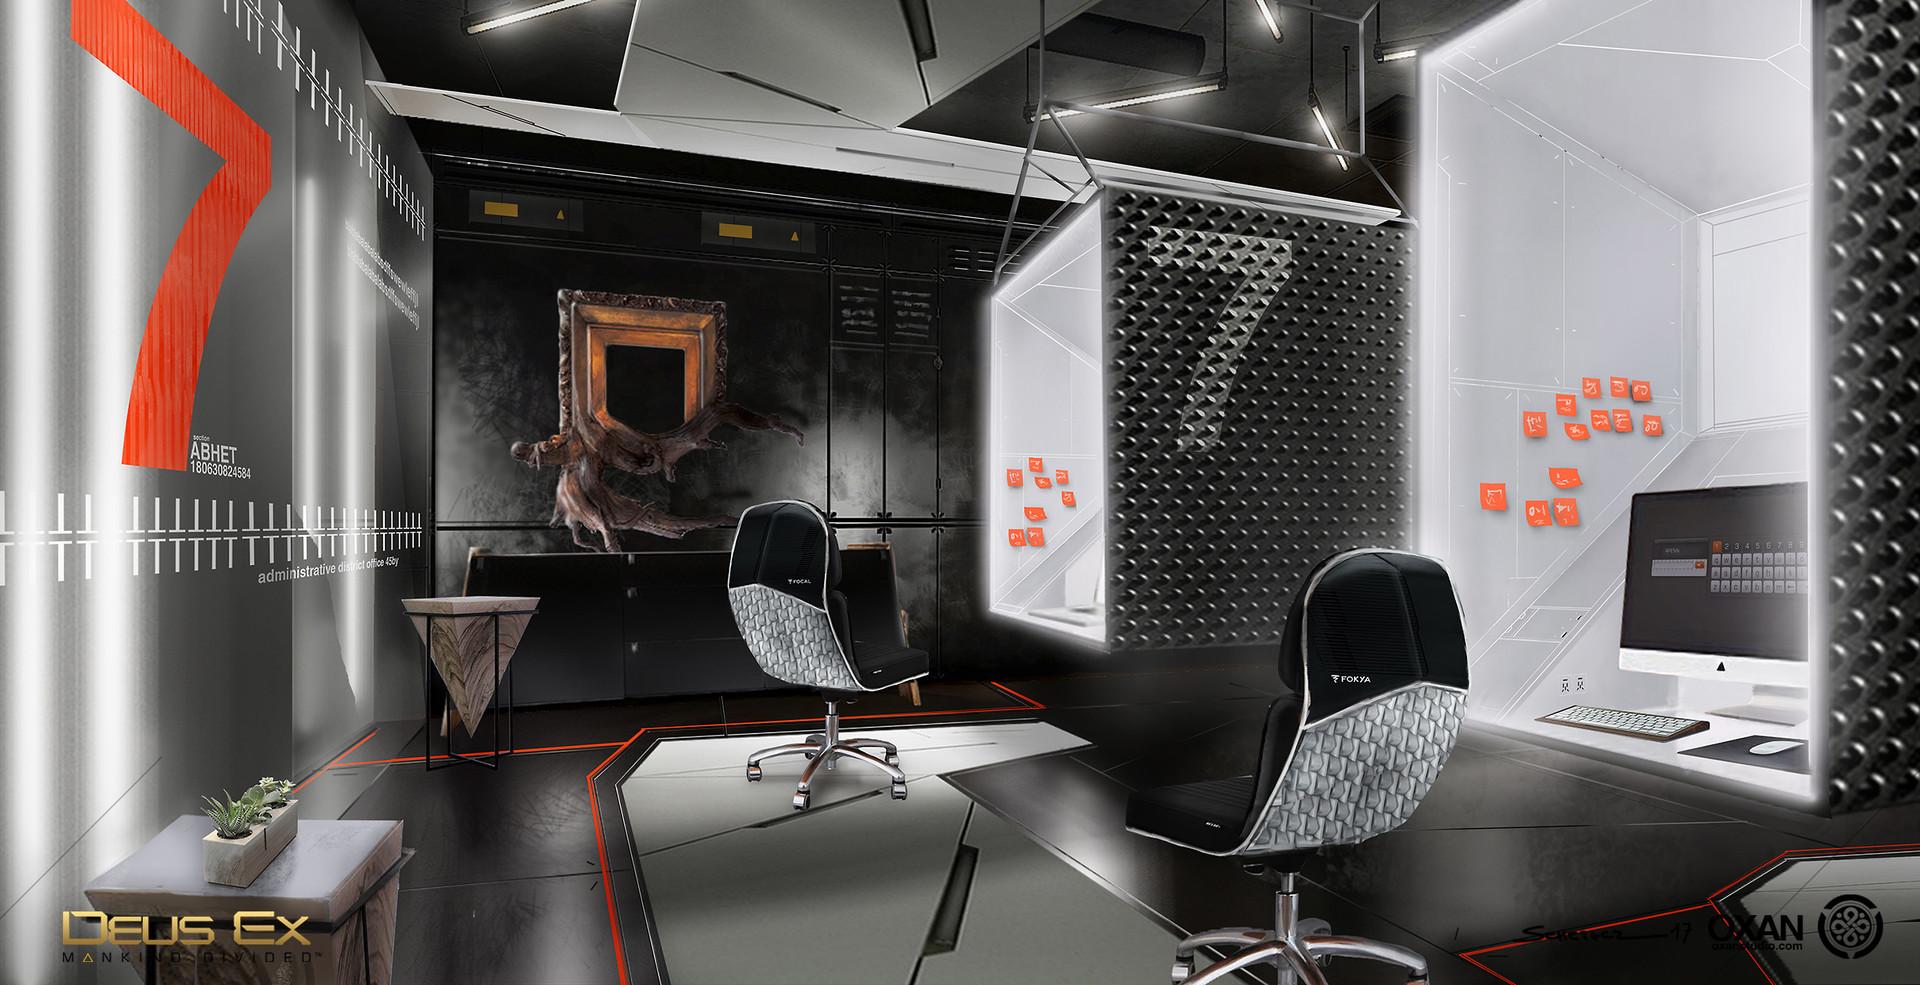 Yohann schepacz oxan studio office 01 wip04hi